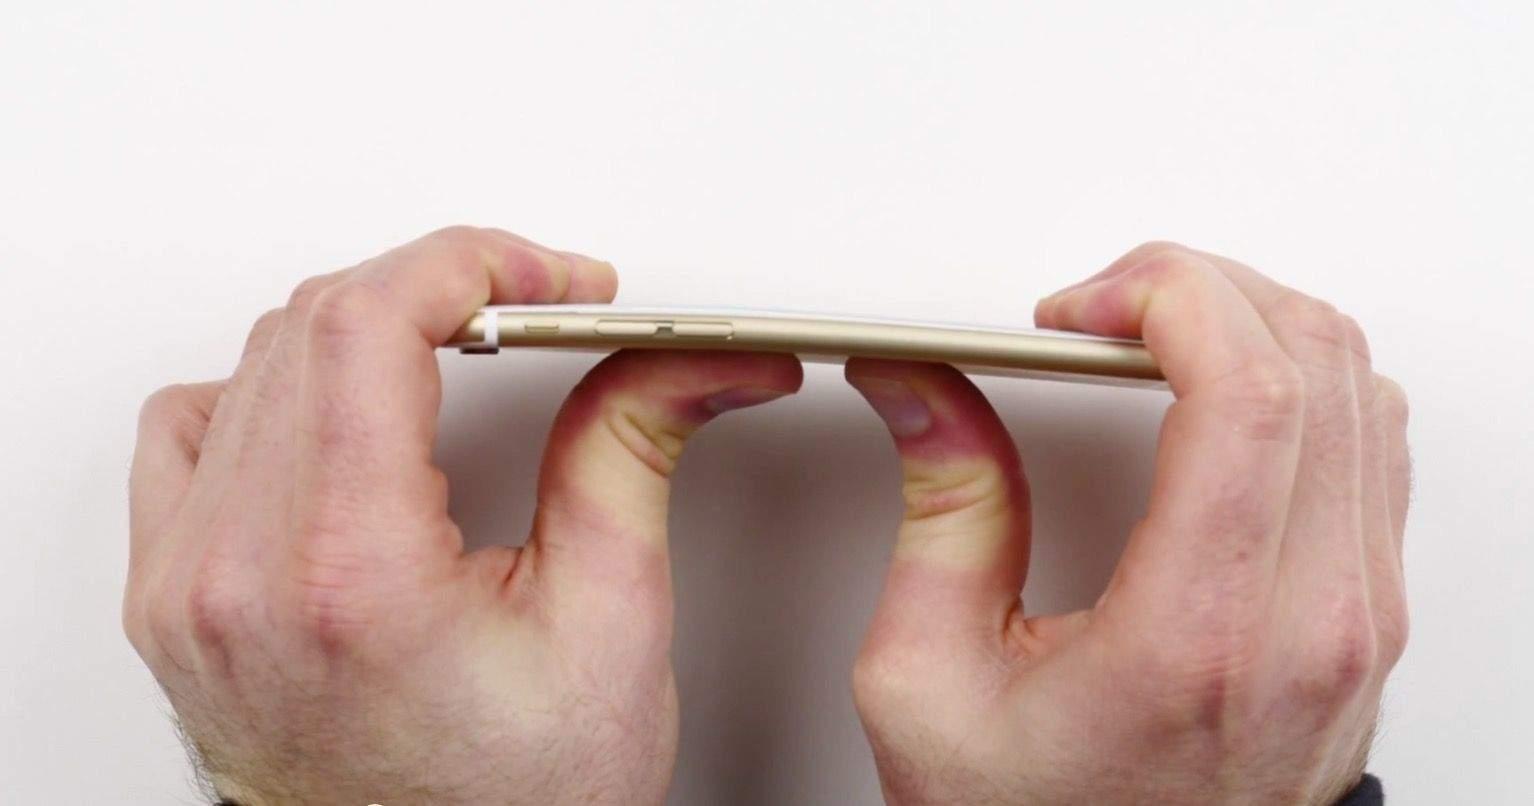 Apple wants people to stop bending its iPhones.